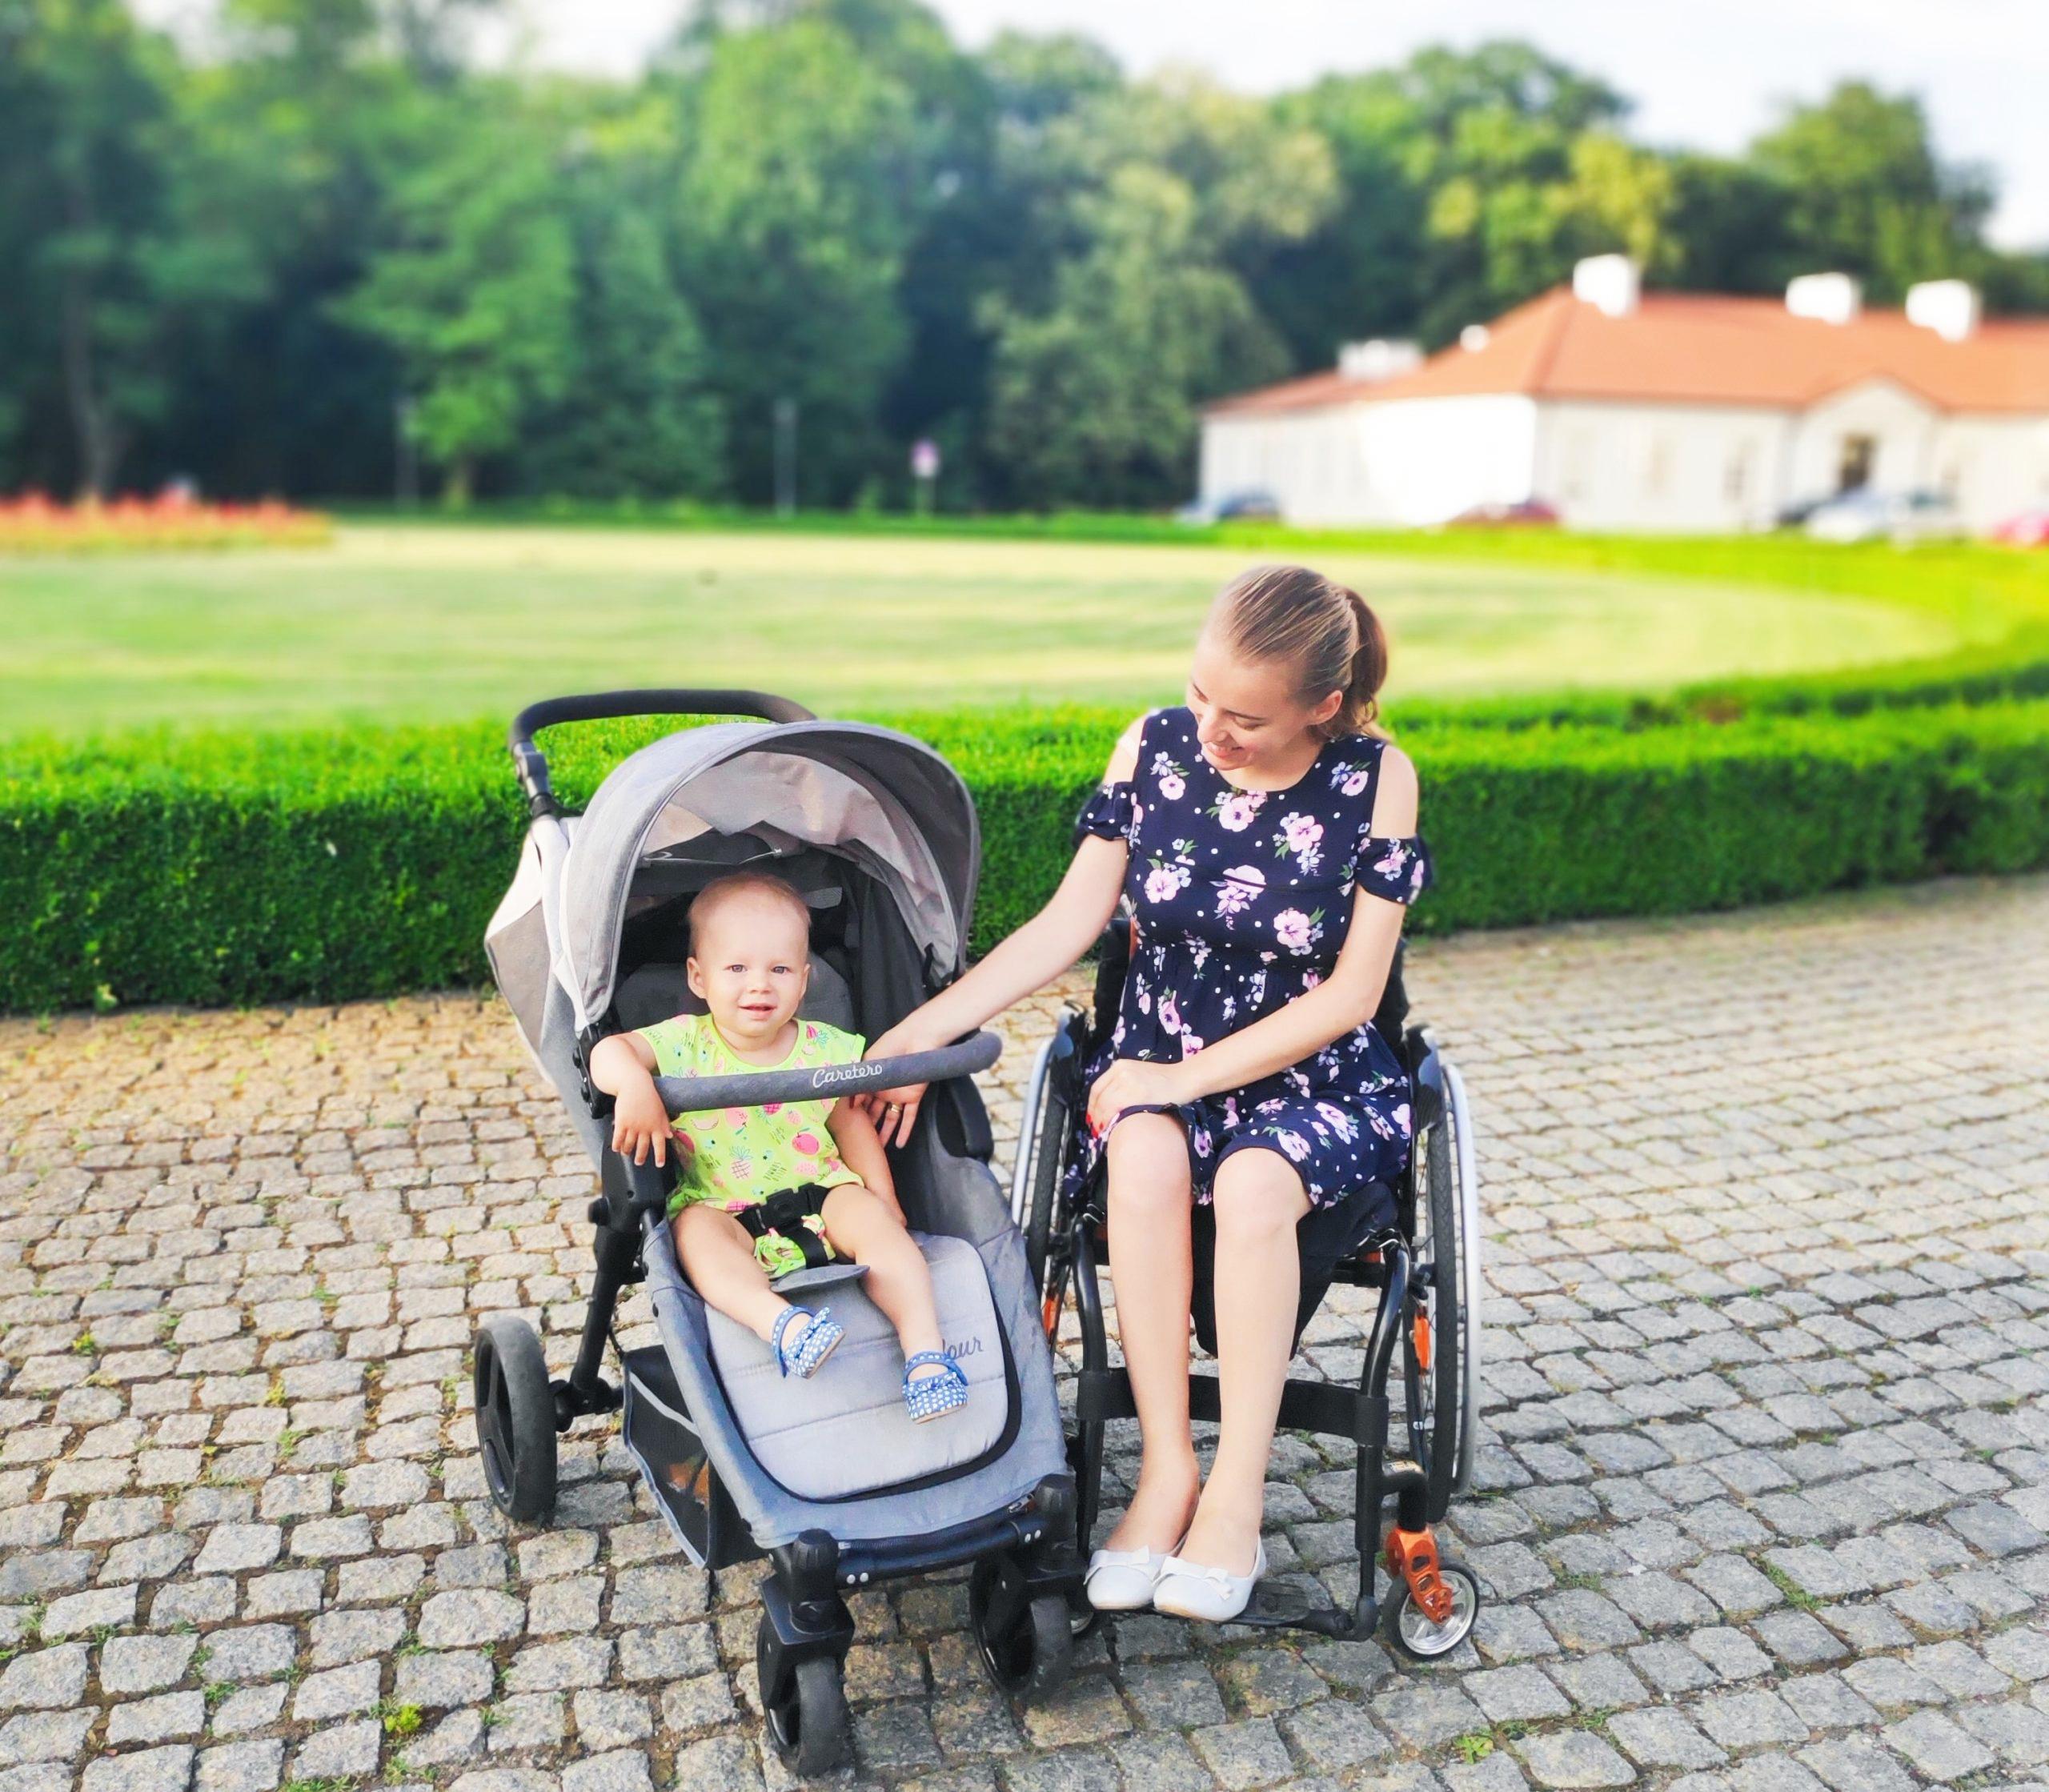 Mama na wózku, a obok niej małe dziecko w wózeczku.